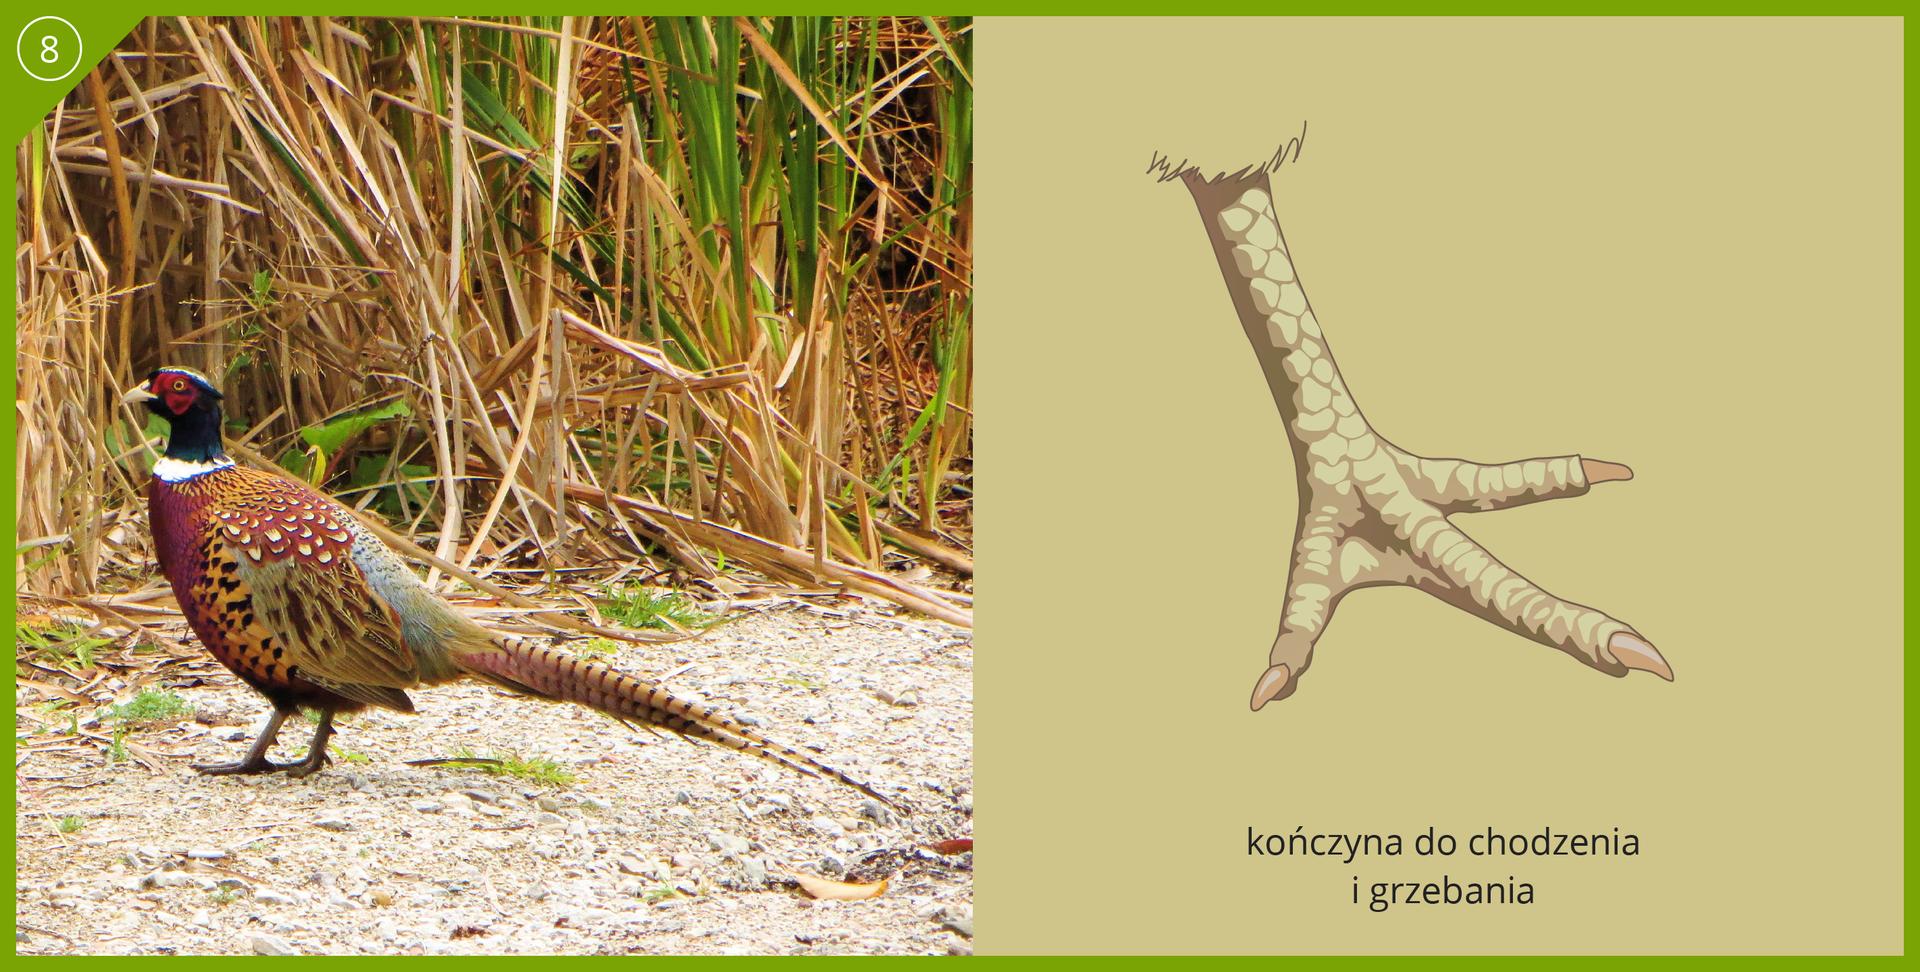 Fotografia przedstawia barwnego bażanta na ziemi wśród traw. Ptak stoi bokiem zczarną głową wlewo, długi ogon wbrązowe paski wprawo. Dziób biały, mocny, krótki. Przy oku czerwona skóra. Na szyi biała kryza. Tułów różowo – beżowo – szary, cętkowany. Ilustracja przedstawia przystosowanie kończyny do chodzenia igrzebania. Biało plamista noga jest krótka, gruba. Palce połączone unasady niewielka błoną, trzy do przodu, czwarty zredukowany. Mocne, krótkie pazury.